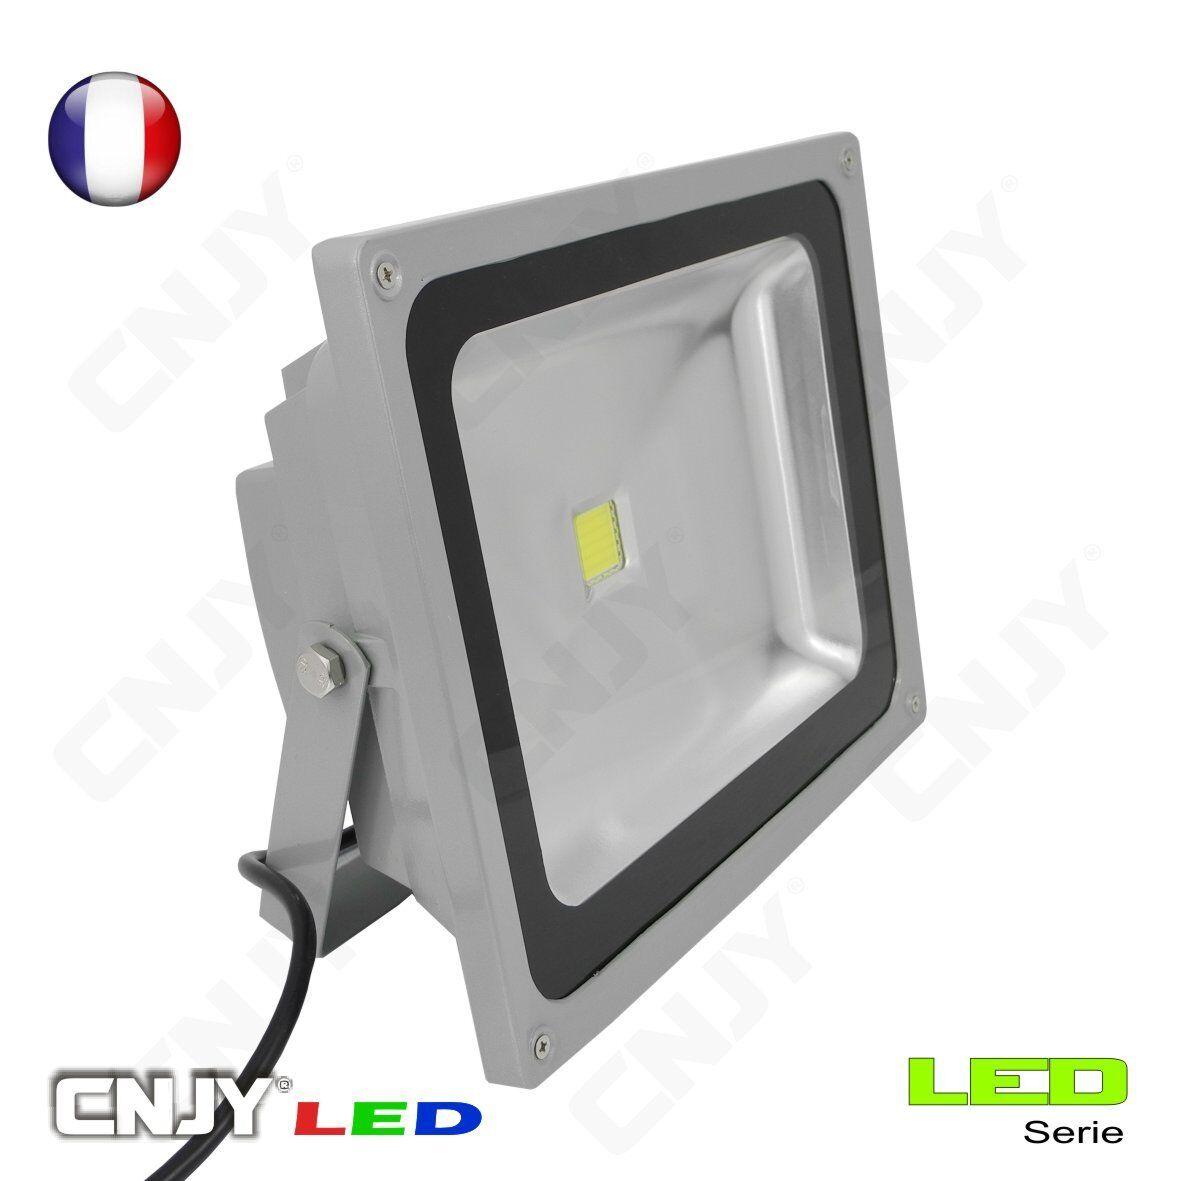 PROJECTEUR SPOT LED CNJY EXTERIEUR CE IP65 SMD 220V SECTEUR MAISON JARDIN GARAGE